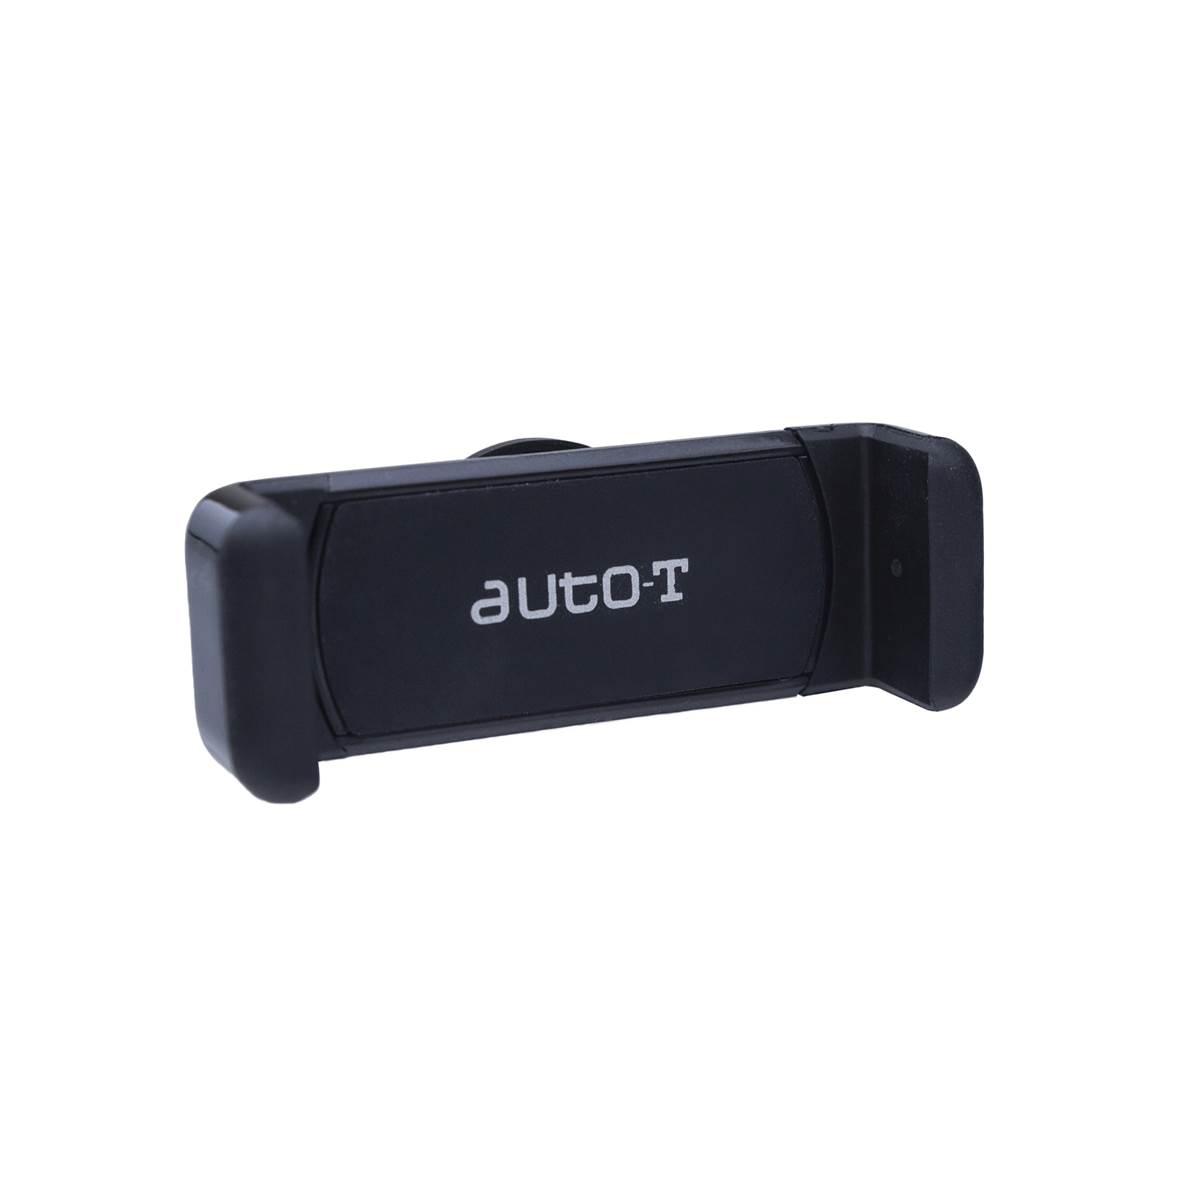 Support grille d'aération pour smartphone Auto-T